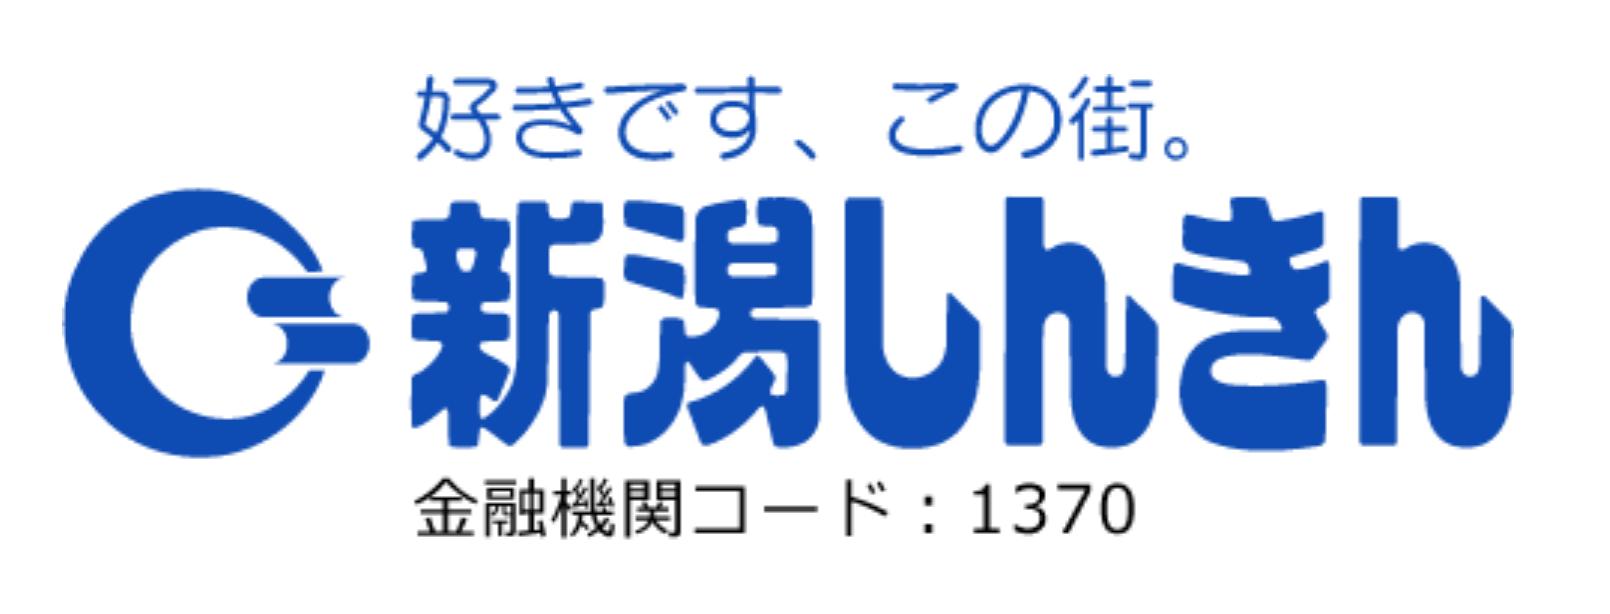 新潟信用金庫の年末年始の営業日や営業時間・ATM手数料